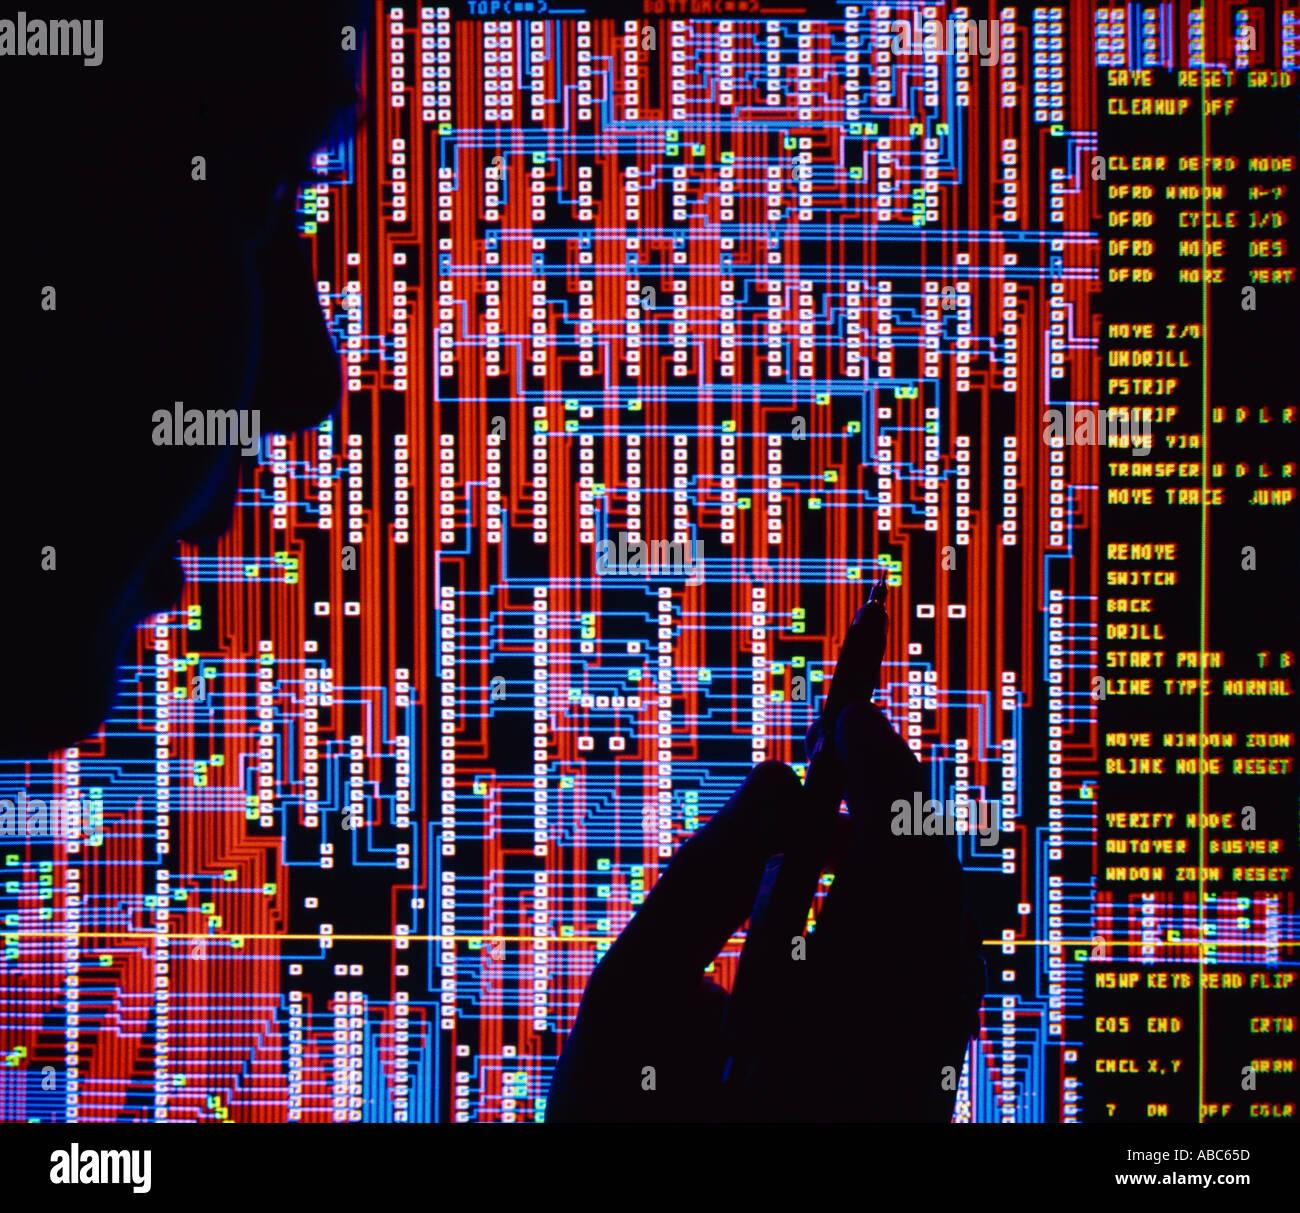 Alta tecnología - diseño de placa de circuito pantalla de ordenador, silueta de ingeniero de diseño / Silicon Valley, California, EE.UU.. Imagen De Stock